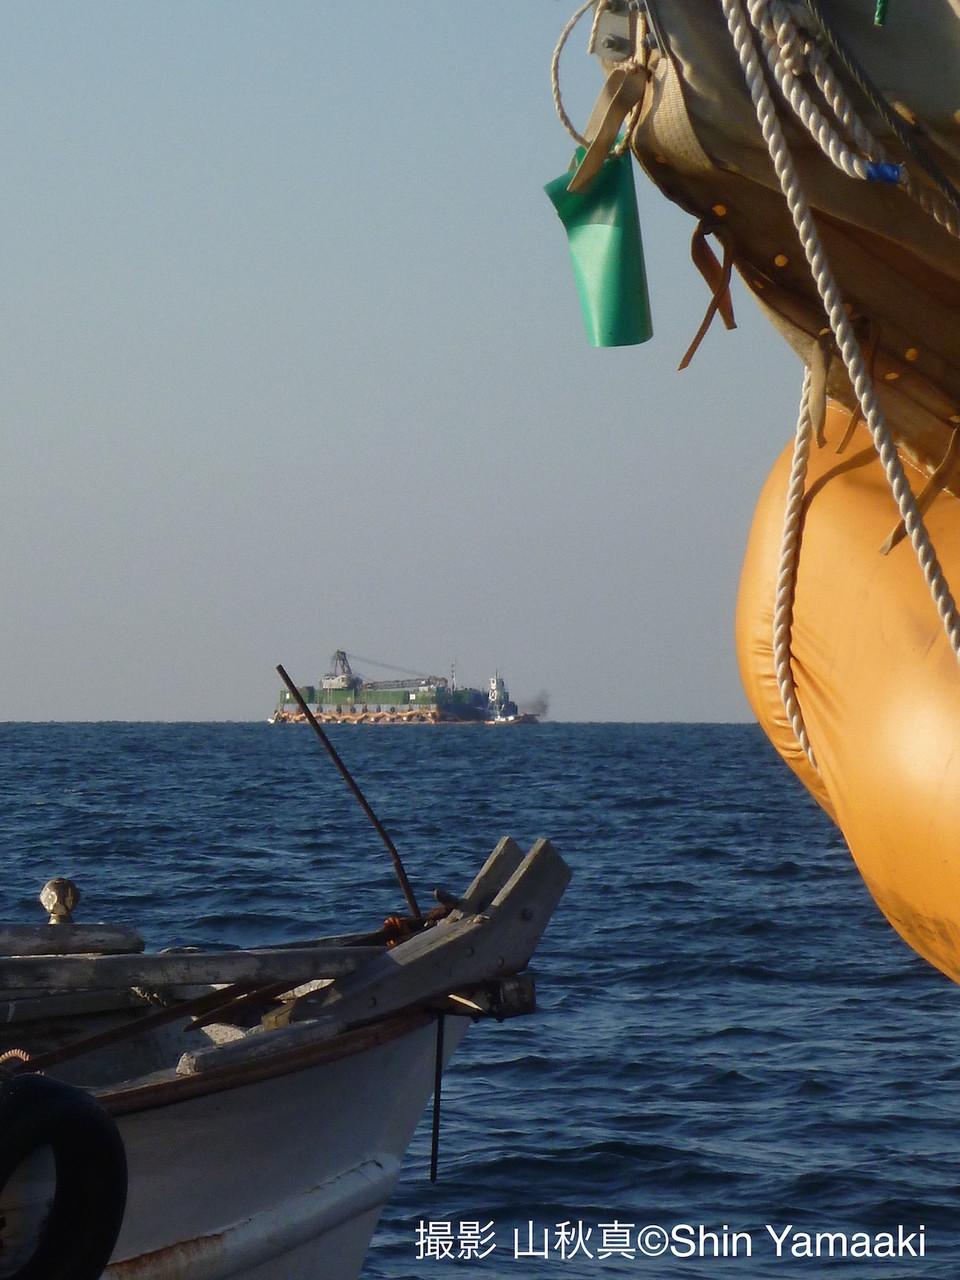 原発をつくらせない人びと:田ノ浦/祝島沖。埋め立て工事のための台船(右)と対峙する祝島の船(左)。奥も台船。